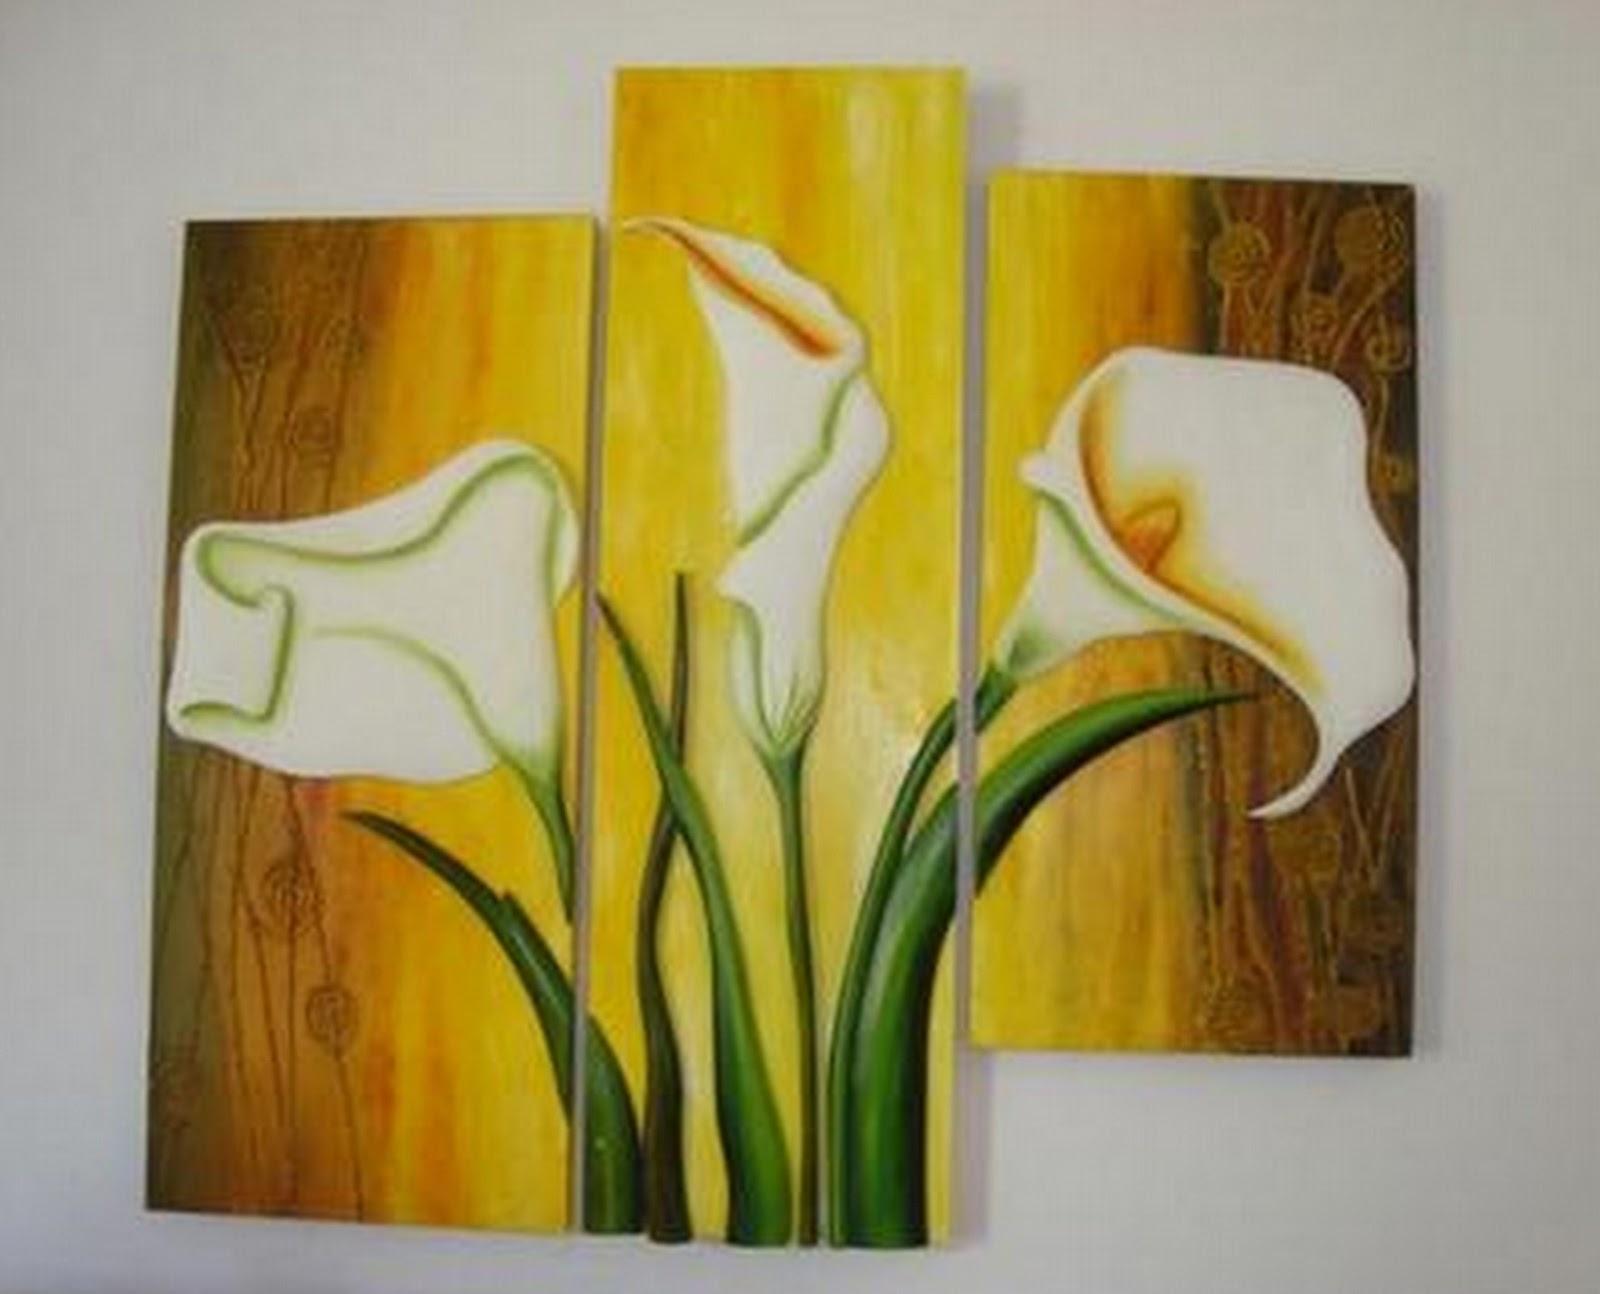 Pinturas cuadros lienzos pinturas tripticos modernos con for Cuadros de oleo modernos